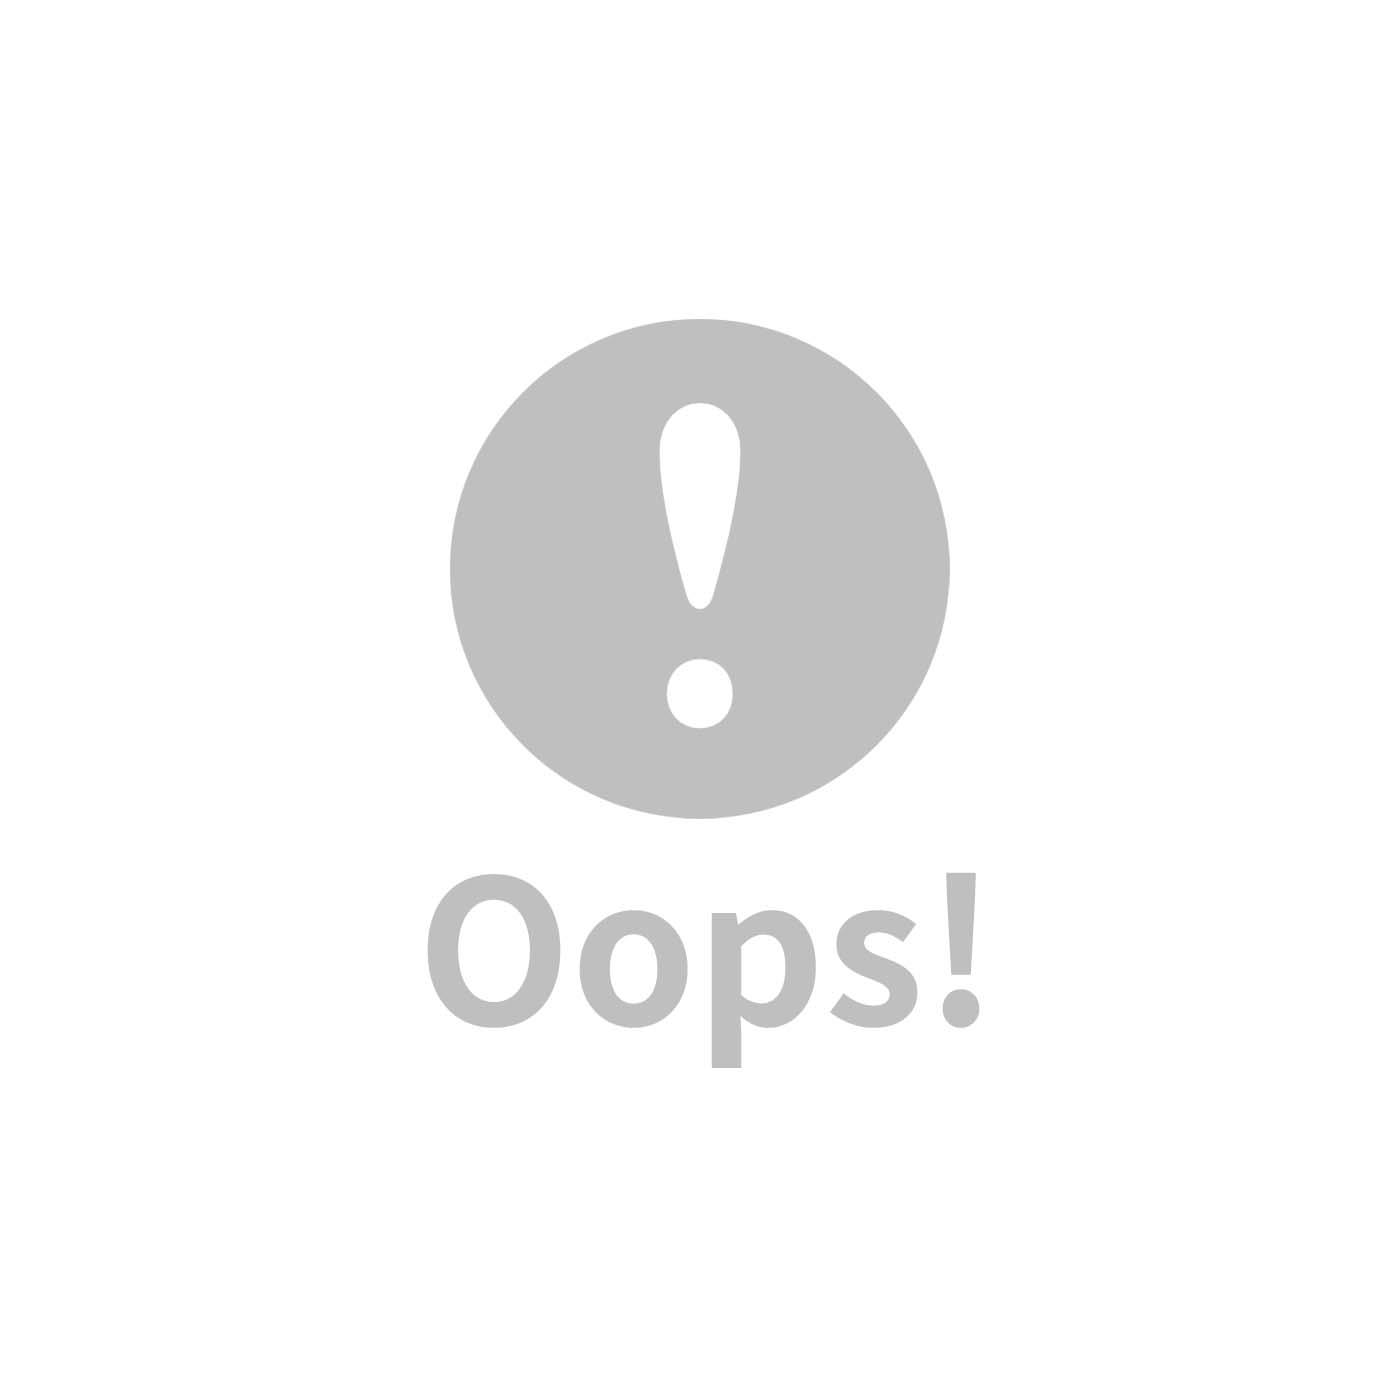 air cossi透氣抗菌天絲推車坐墊-頭頸支撐款(4m-3y)(輕盈粉)(綁帶款)